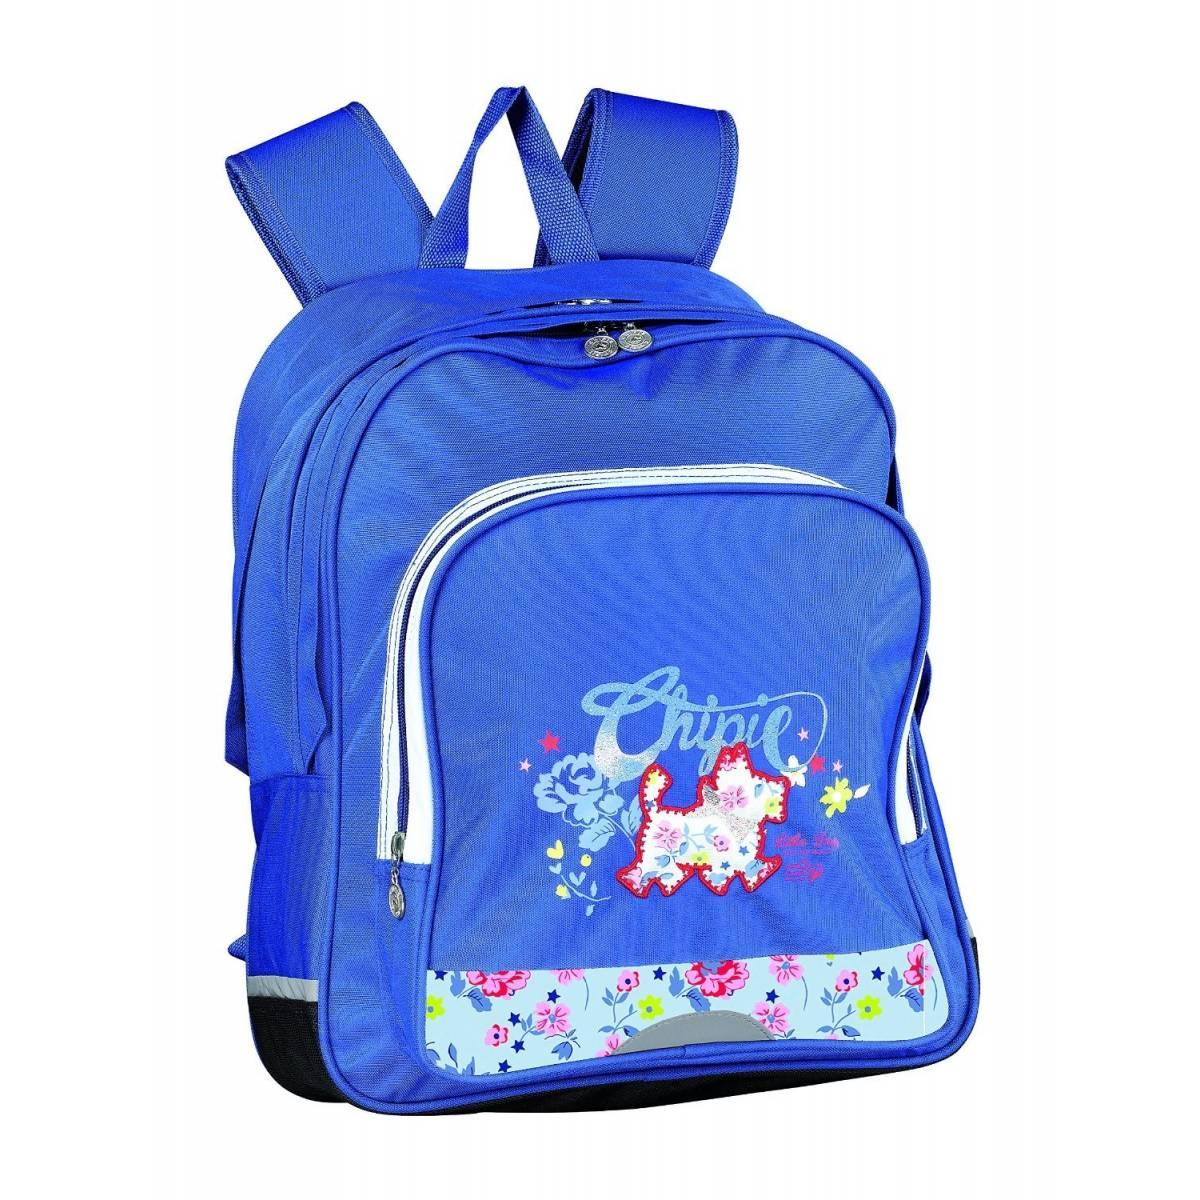 CHIPIE Liberty Sac à dos 2 compartiments - 41 cm - Bleu